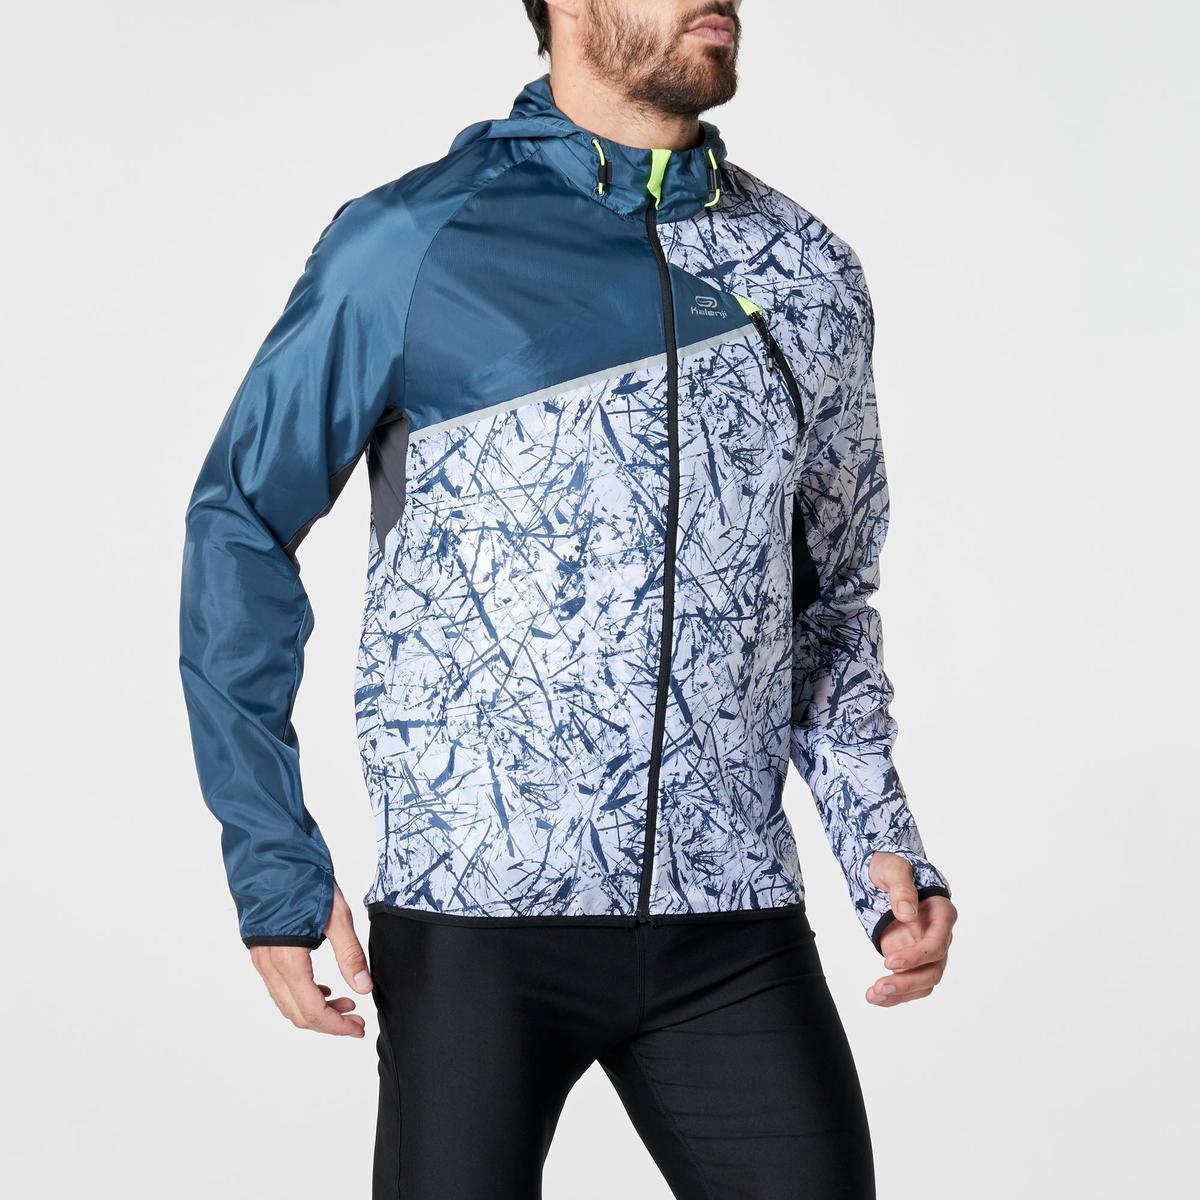 Bild 3 von Lauf-Windjacke Trail Herren blaugrau/weiß mit Muster